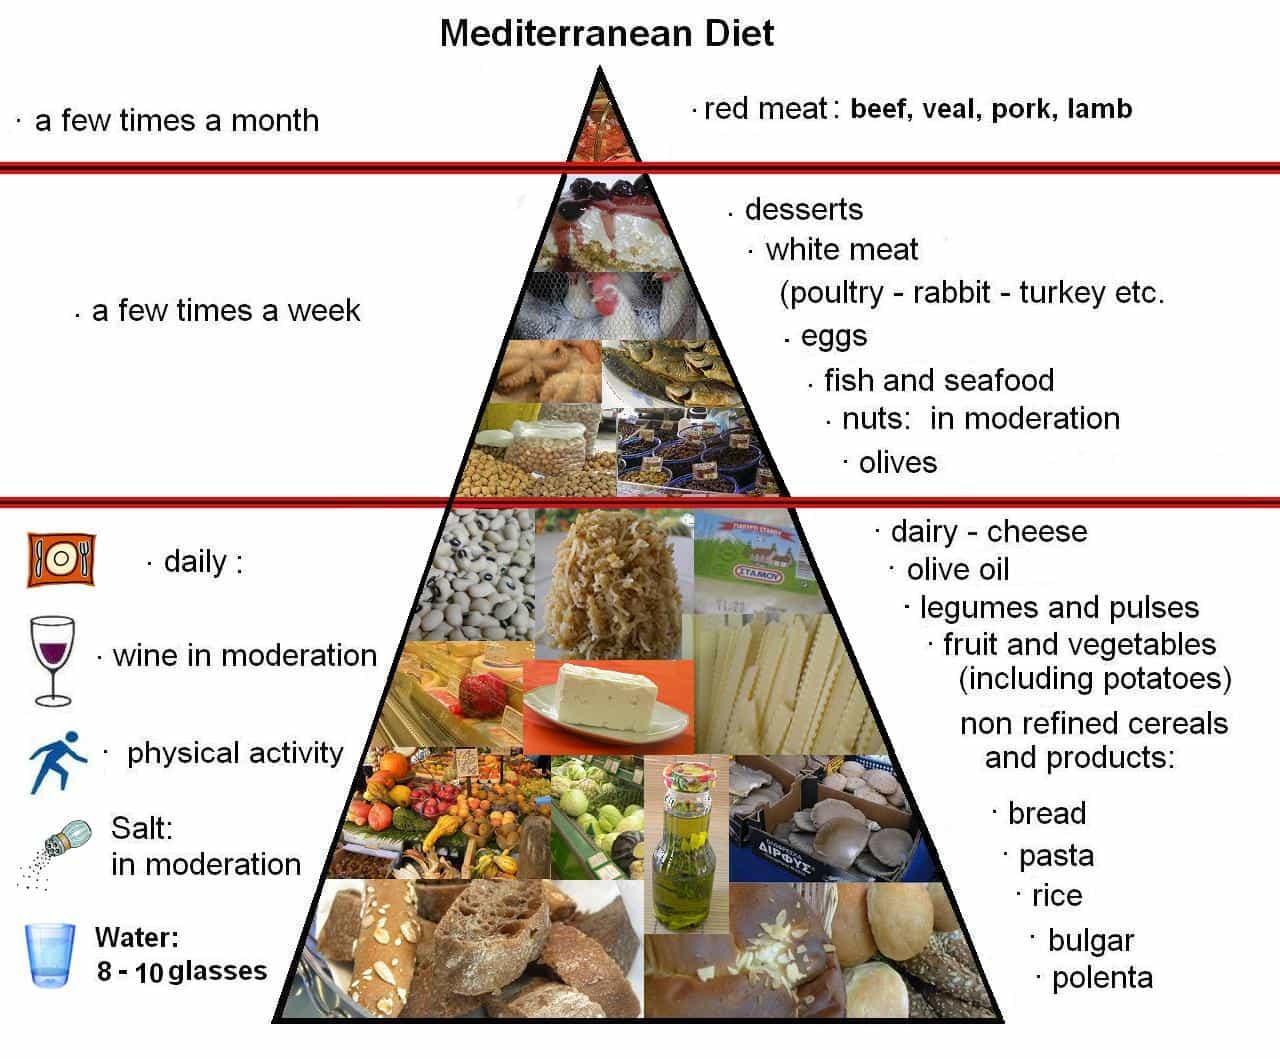 mediterranean diet pyramid oldways - HD1280×1059